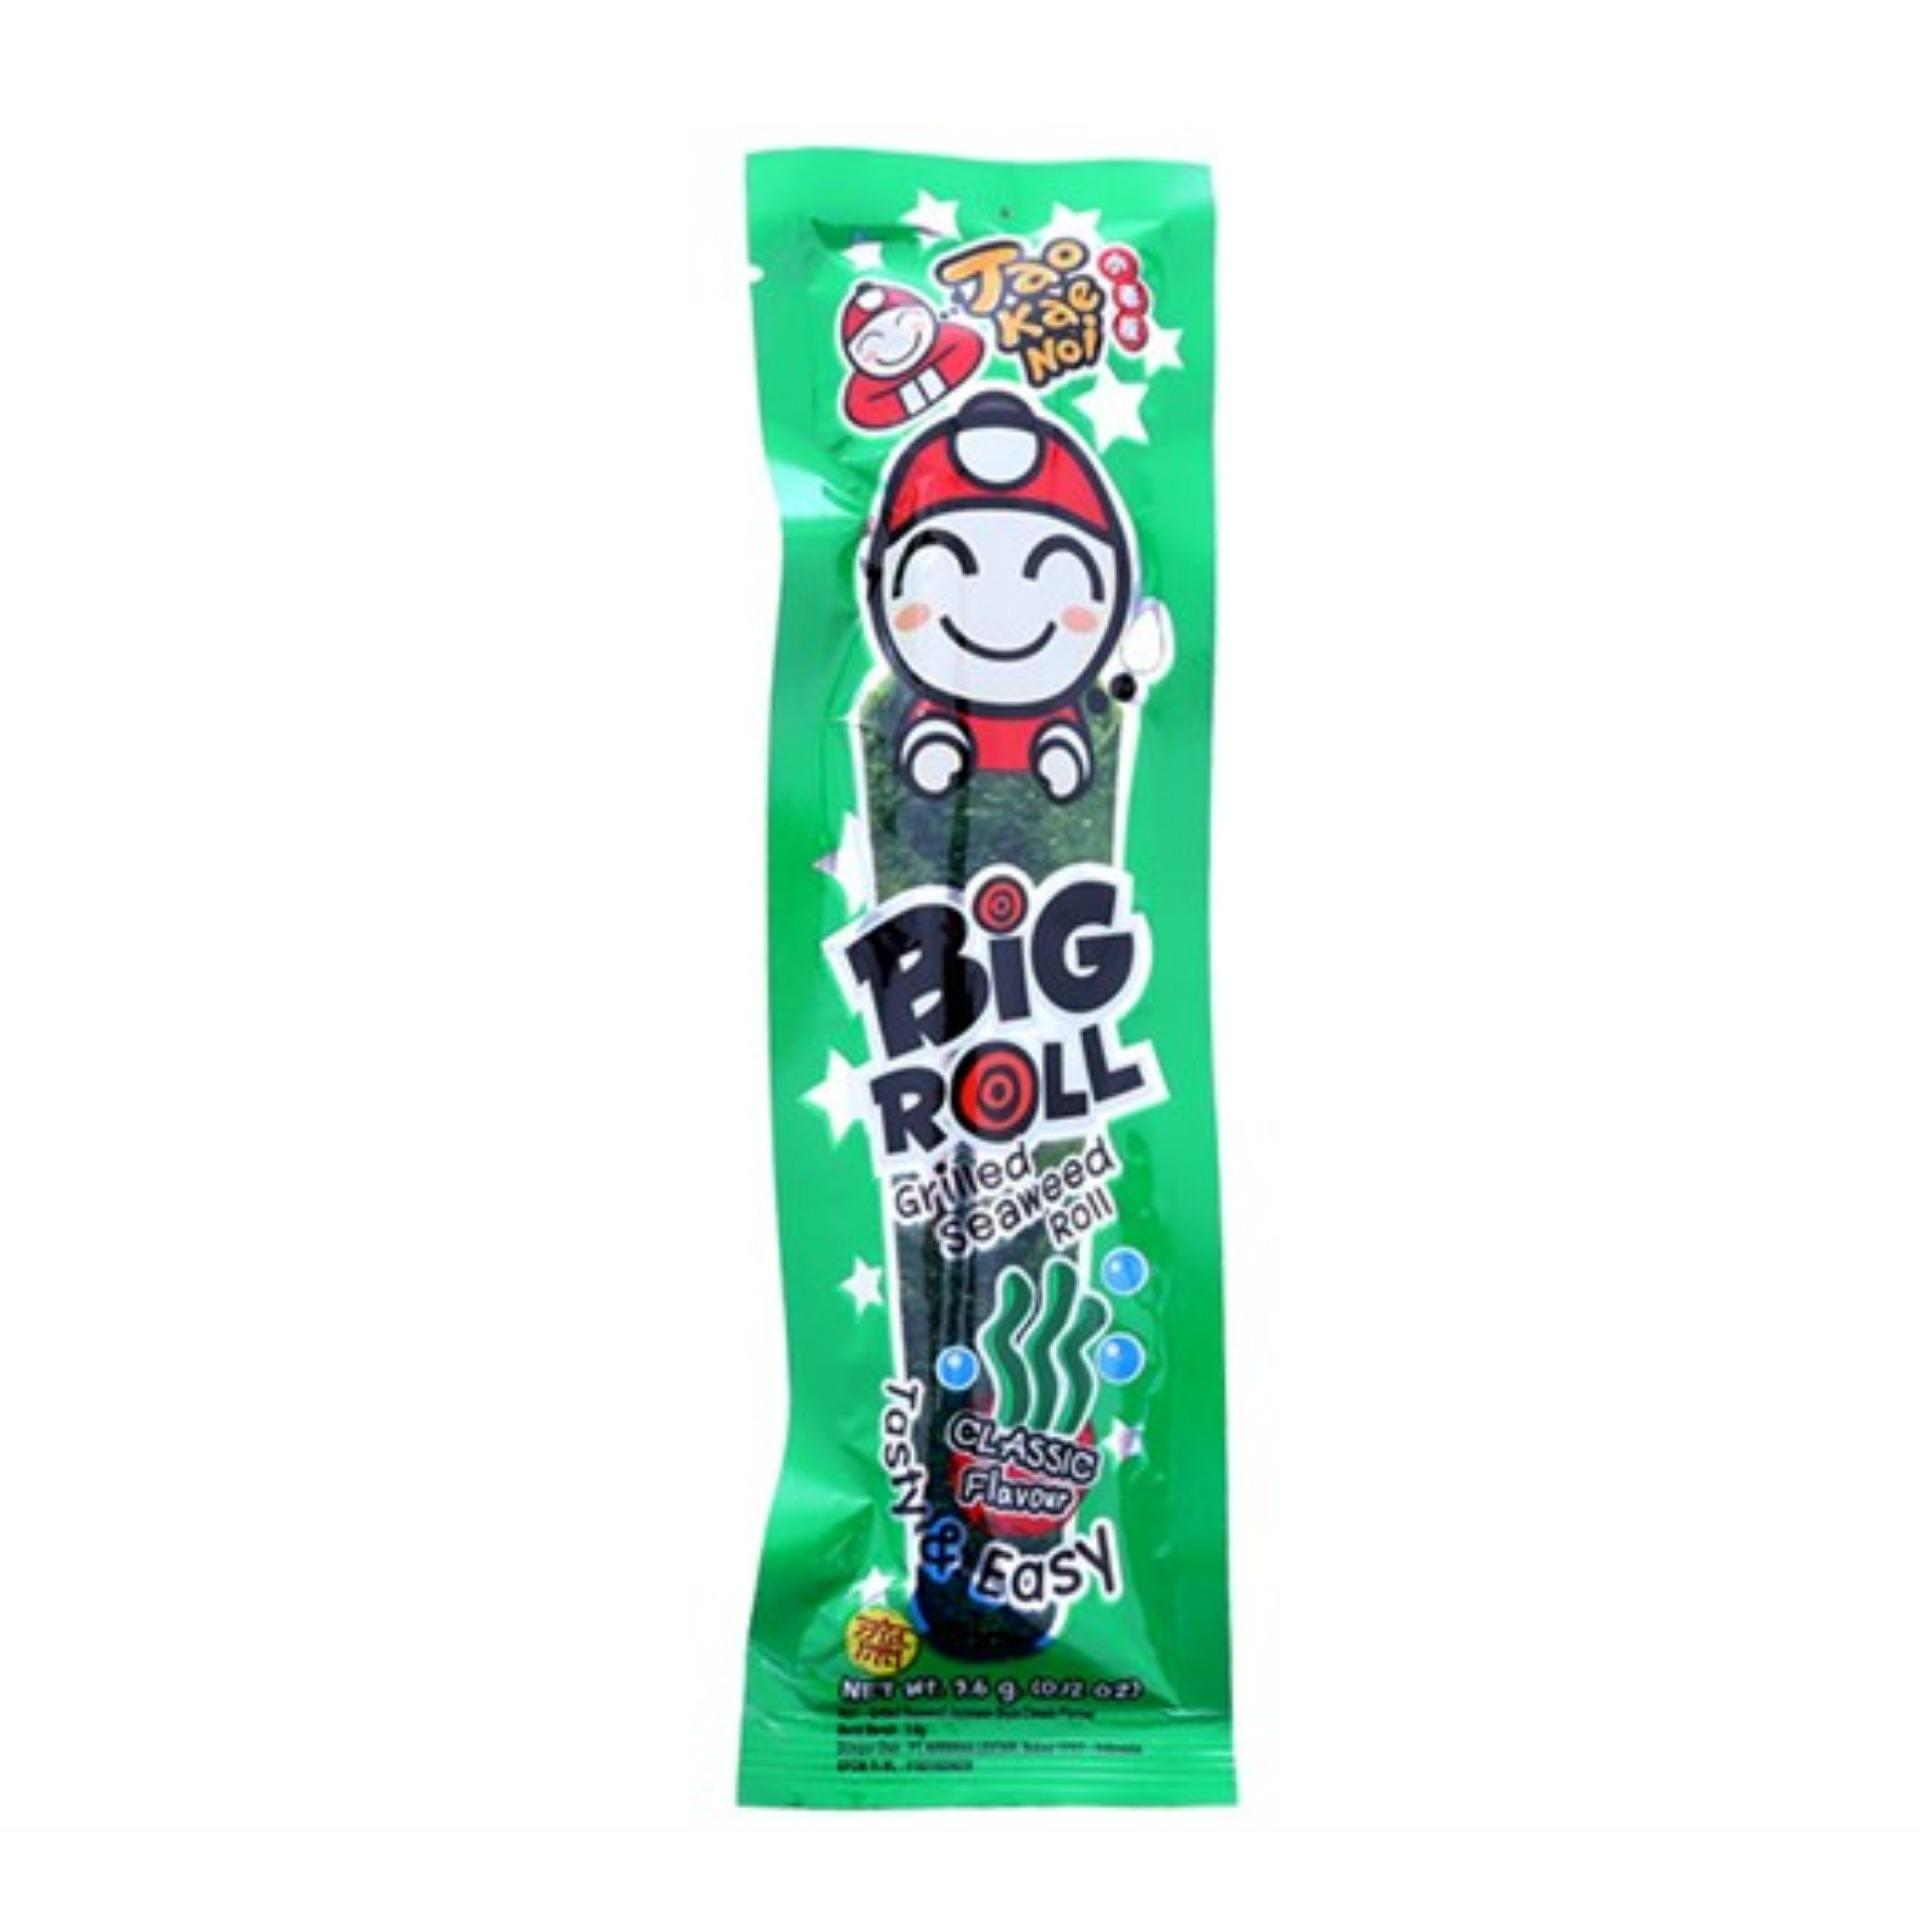 Combo 2 Gói Snack Rong biển Taokaenoi Nướng Big Roll vị Truyền thống 3,6g